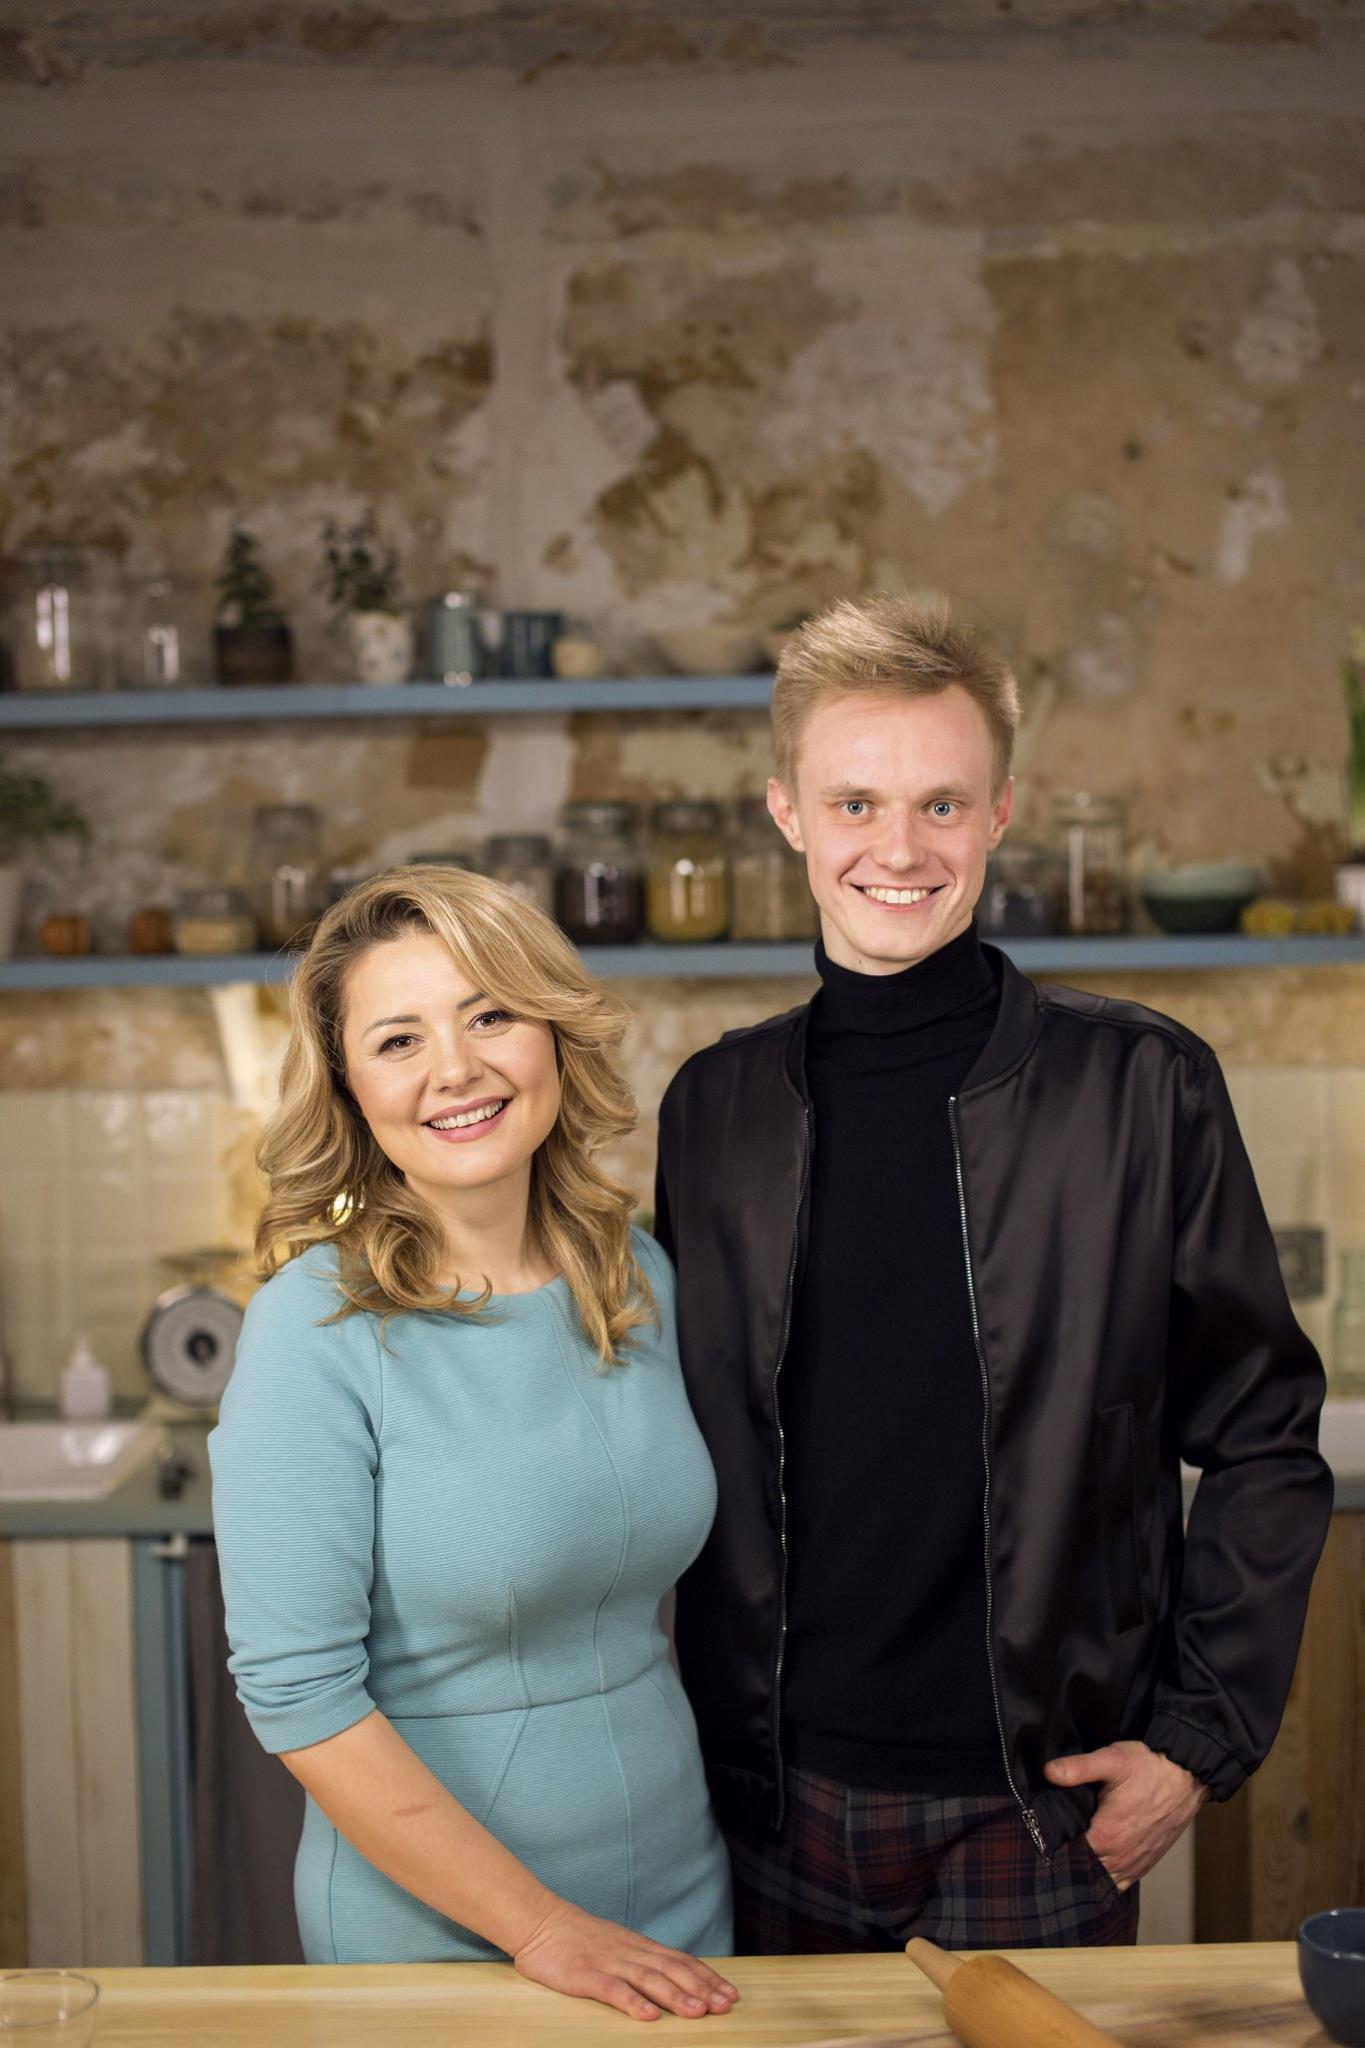 Labdaros vakarą ves Beata Nicholson ir Rokas Bernatonis.